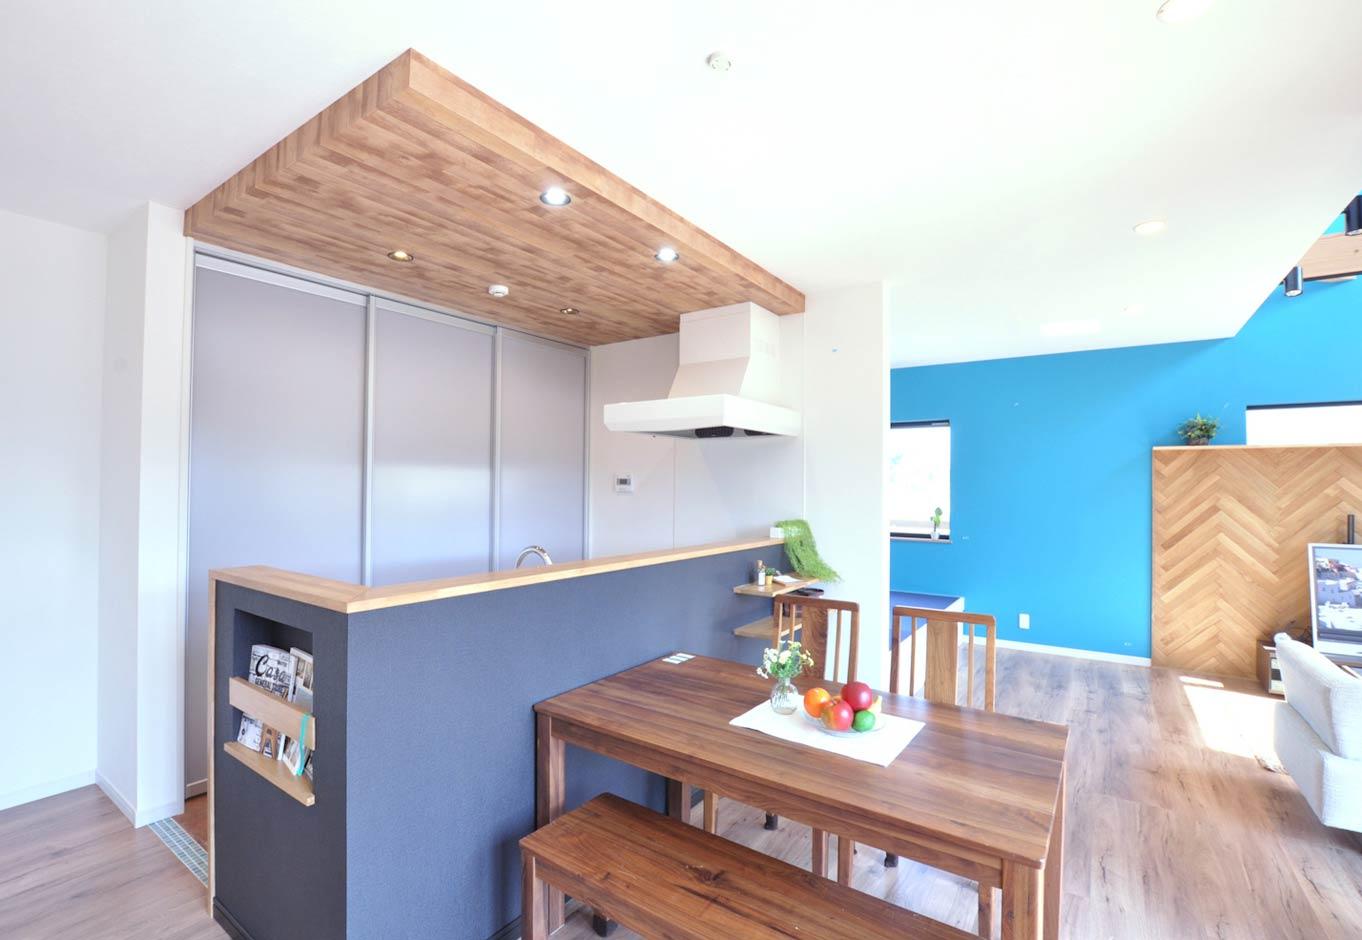 キッチンに立つと、1階全体を見渡せるのはもちろん、吹抜けを通して2階の気配もわかるので子育てママも安心。バックヤードにパントリーやゴミ箱、調理家電を集約し、引き戸で隠して生活感を出さない工夫を。マガジンラックも造作